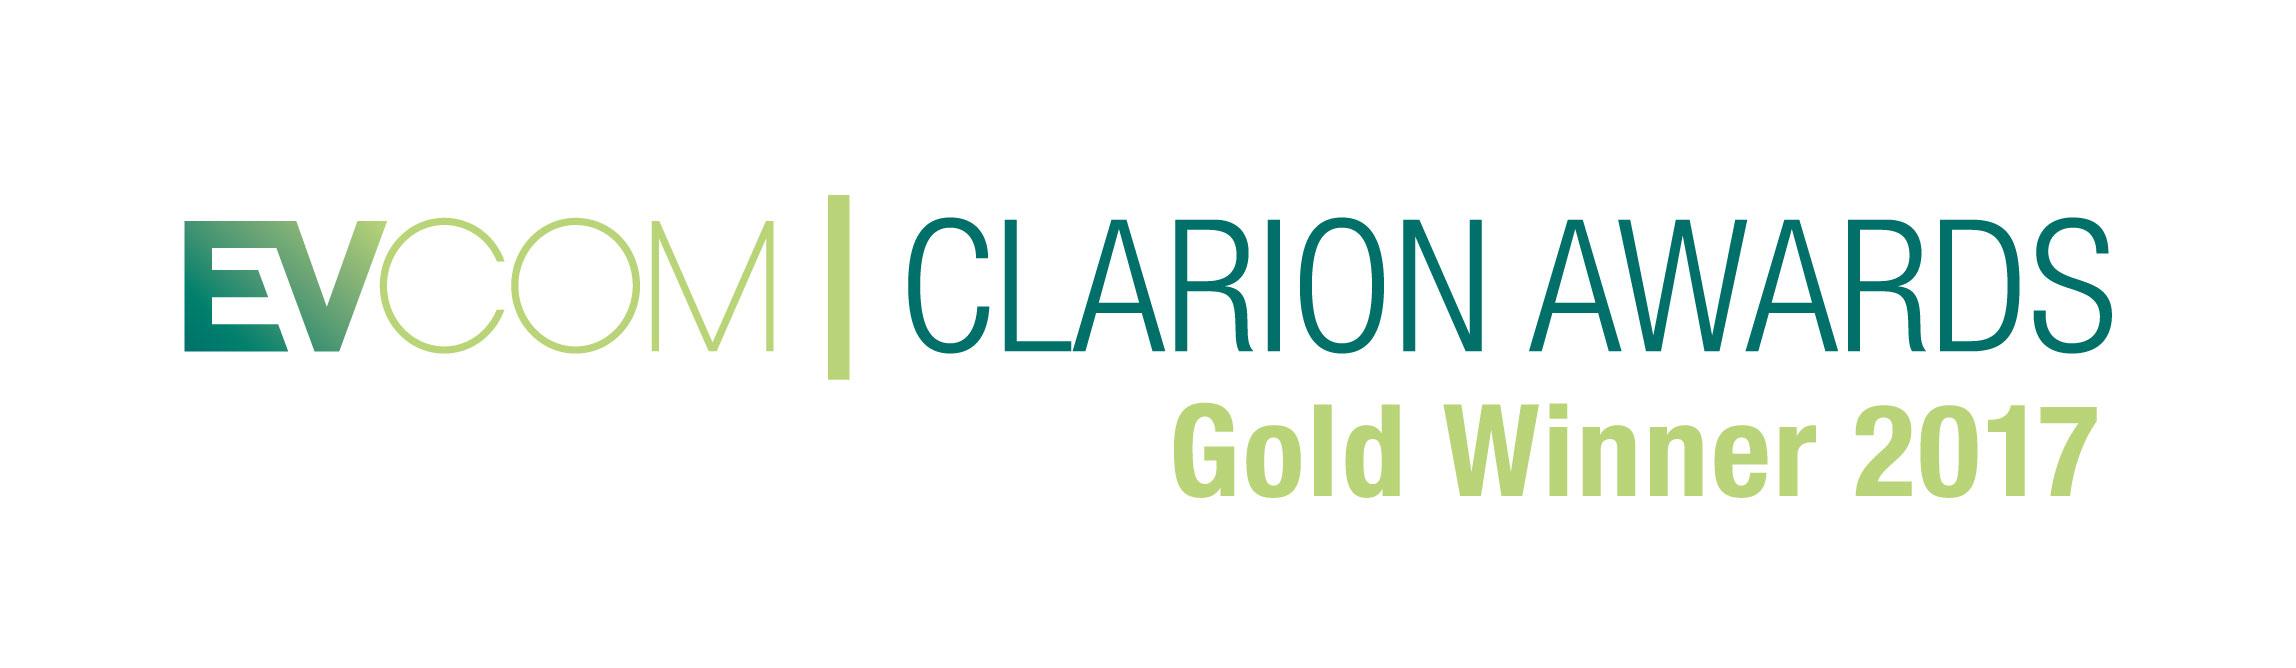 EVCOM_Clarion_Awards_2017_Gold_Winner.jpg